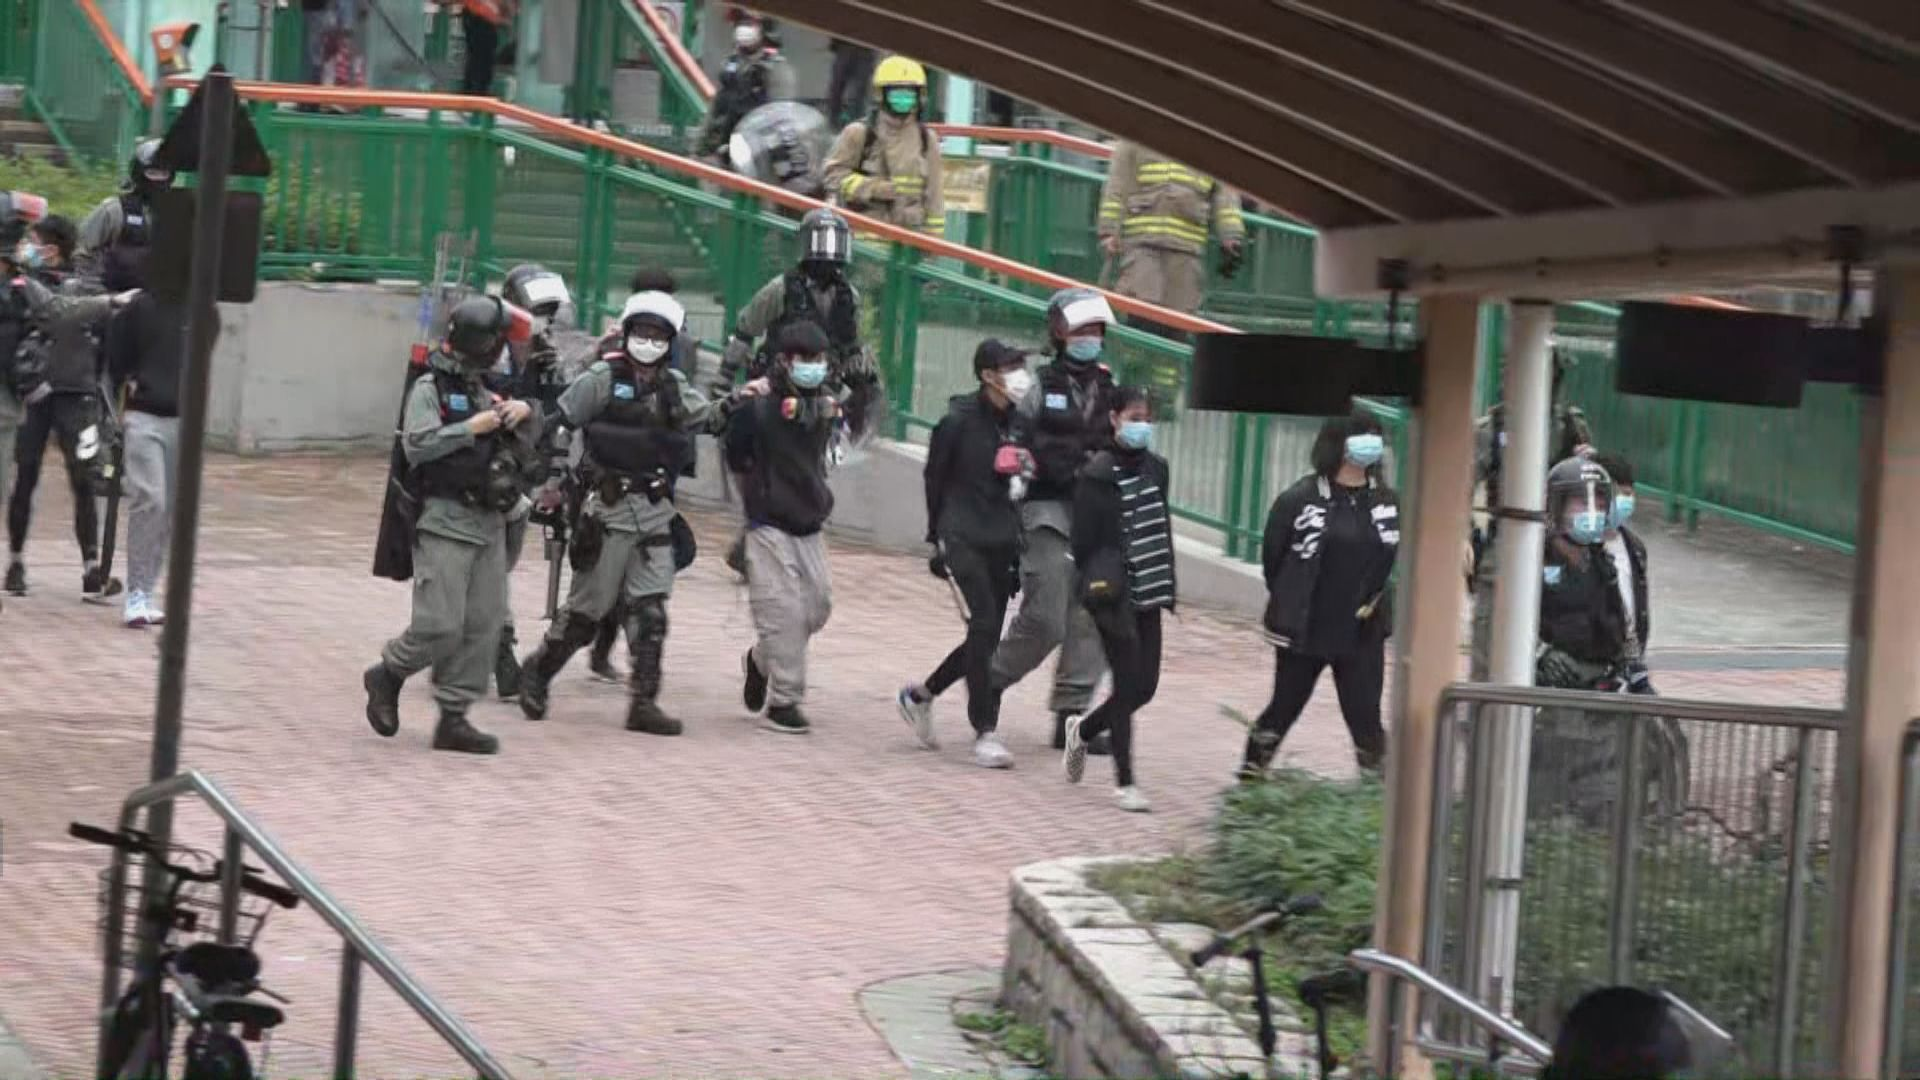 天水圍遊行反對設指定診所 防暴警拘捕多人